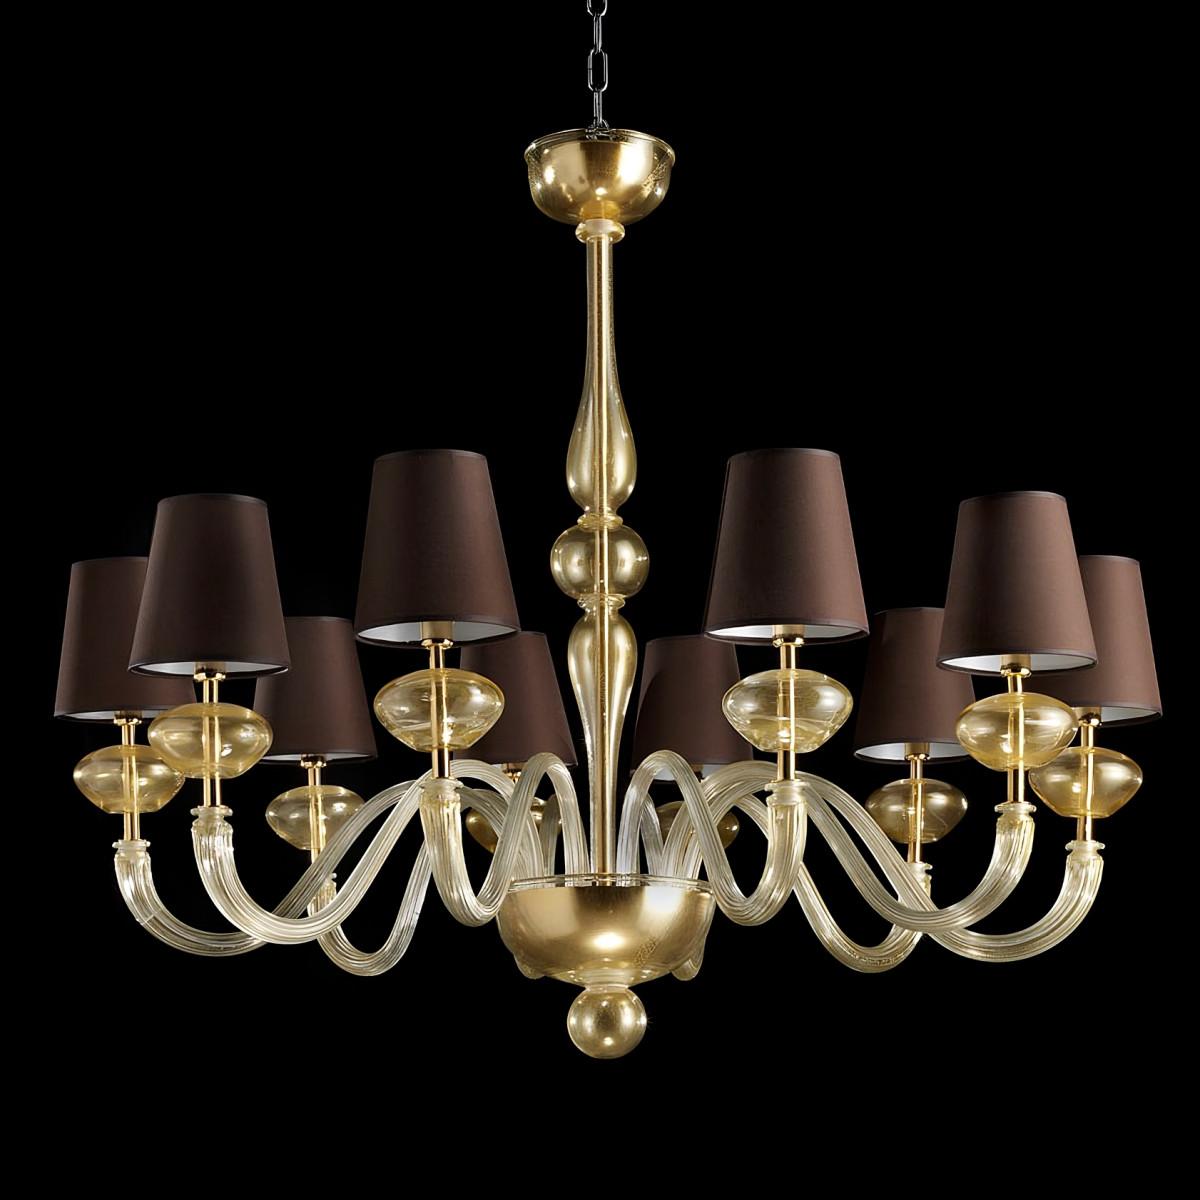 """""""Castore"""" Murano glas Kronleuchter - 10 flammig - alle gold - braun lampenschirm"""